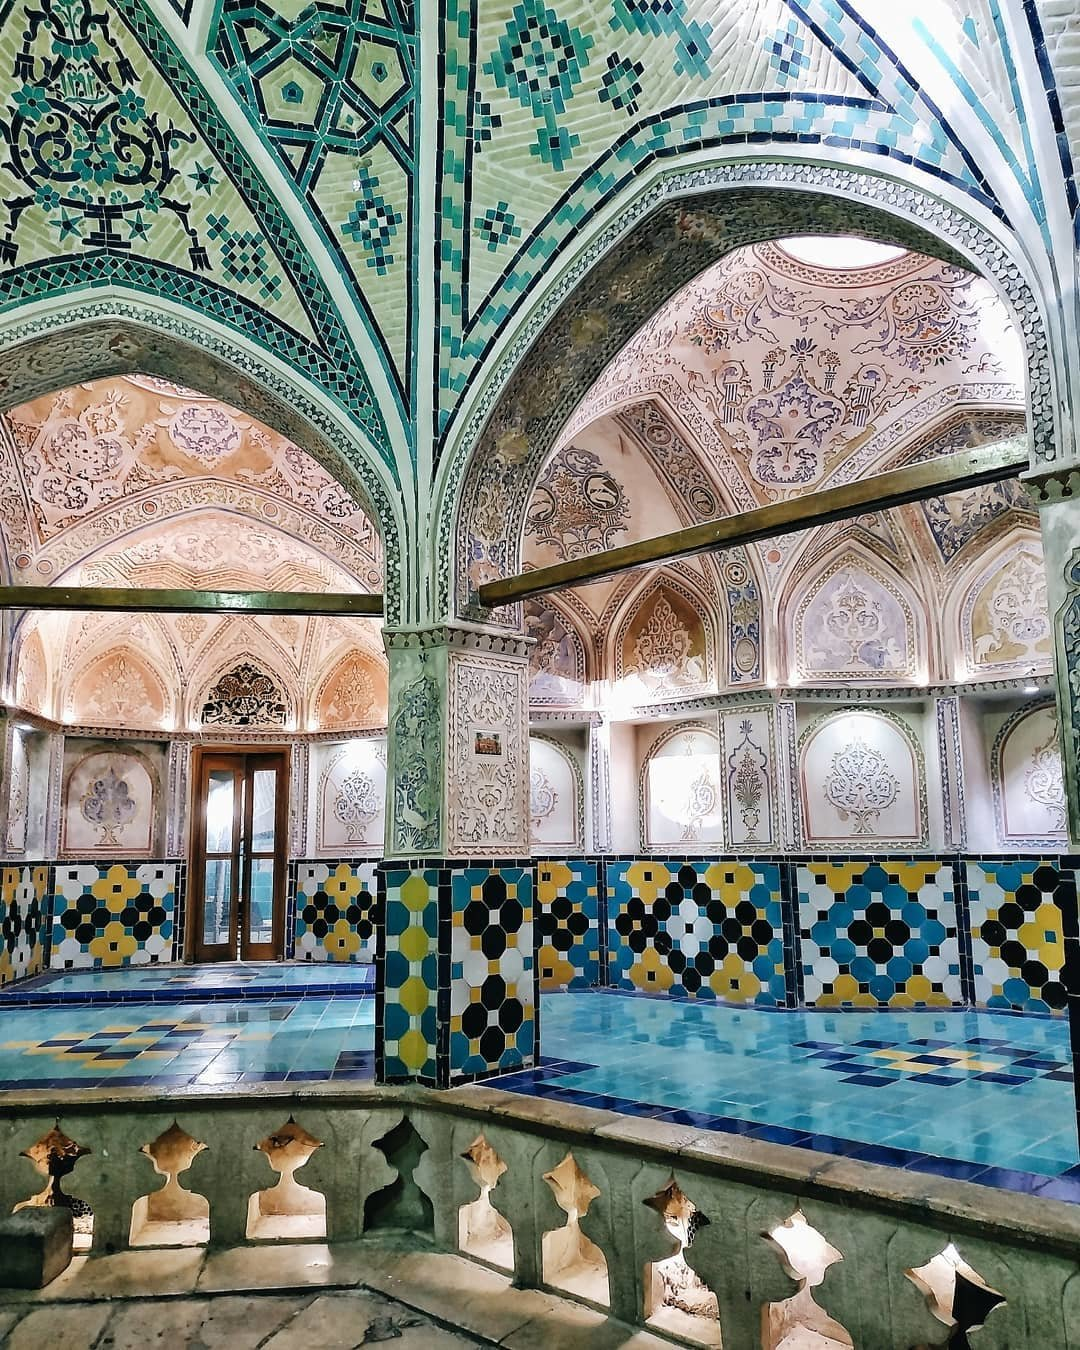 Город роз, персидские дворцы и Медина. Как харьковчанка провела две недели в Иране и Марокко, - ФОТО, фото-7